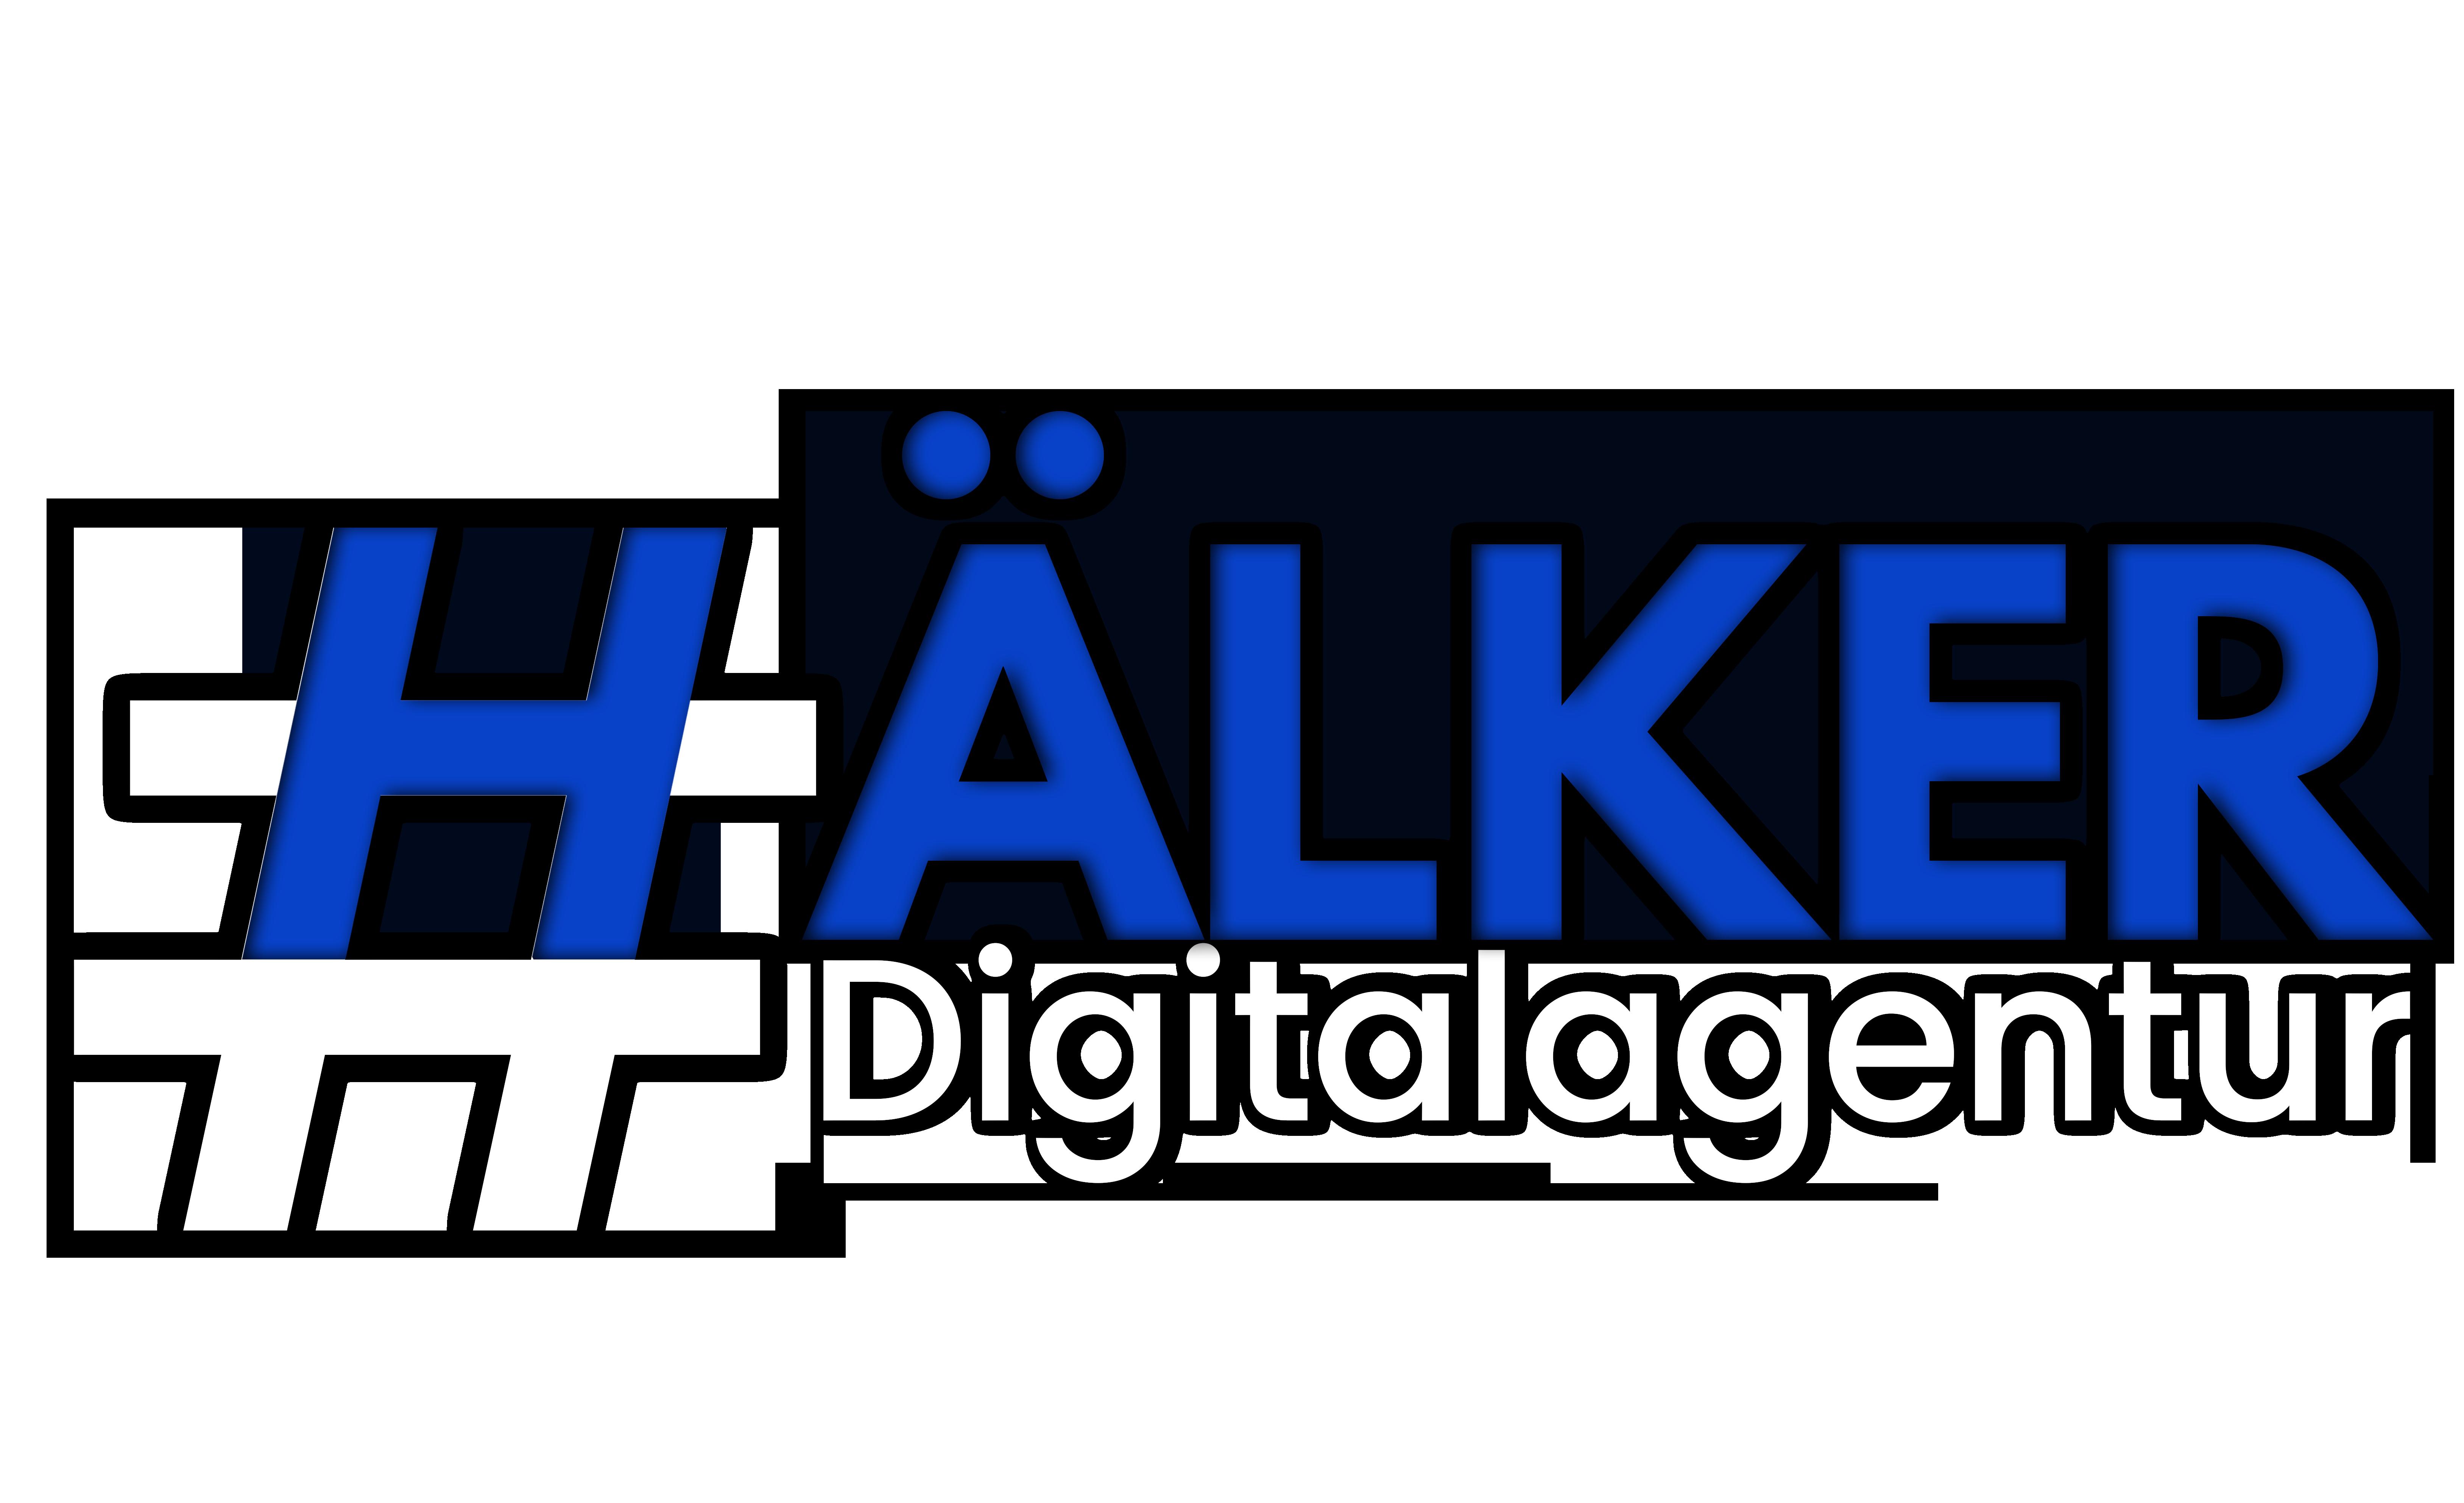 Digitalagentur Hälker